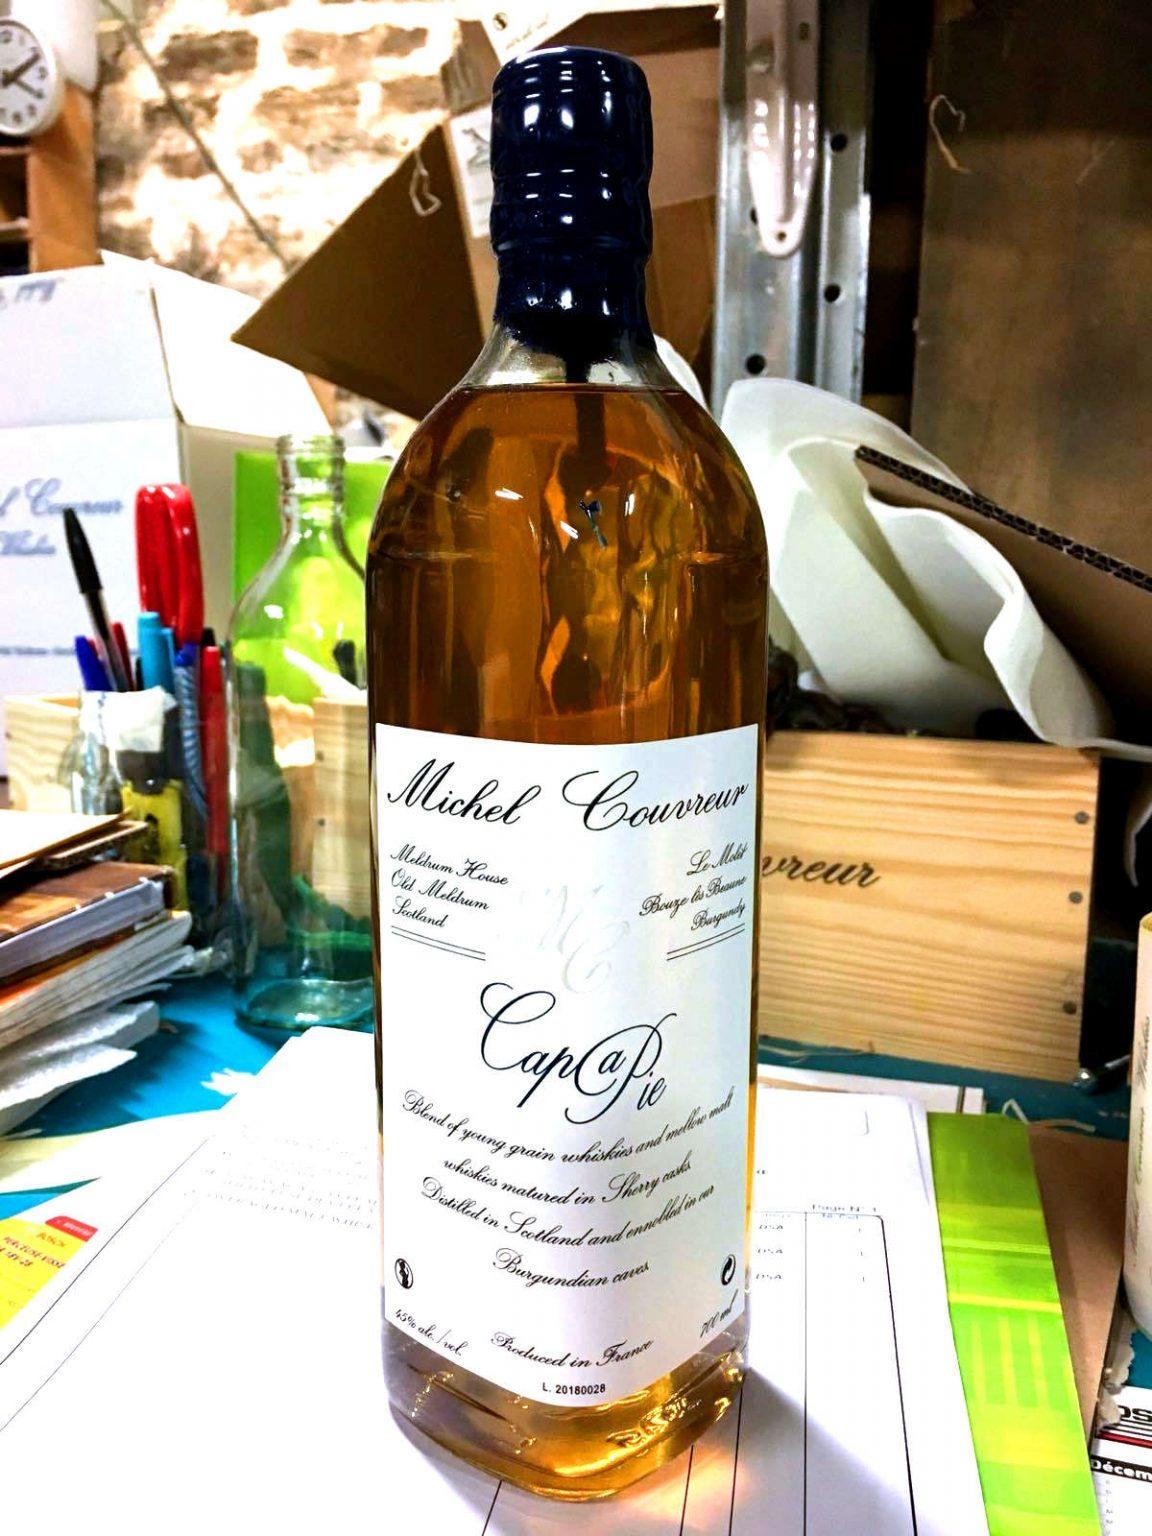 Michel Couvreur Cap a Pie - Blended Whisky matured in Sherry Casks - Versand beginnt ab ca. Mitte März 2018